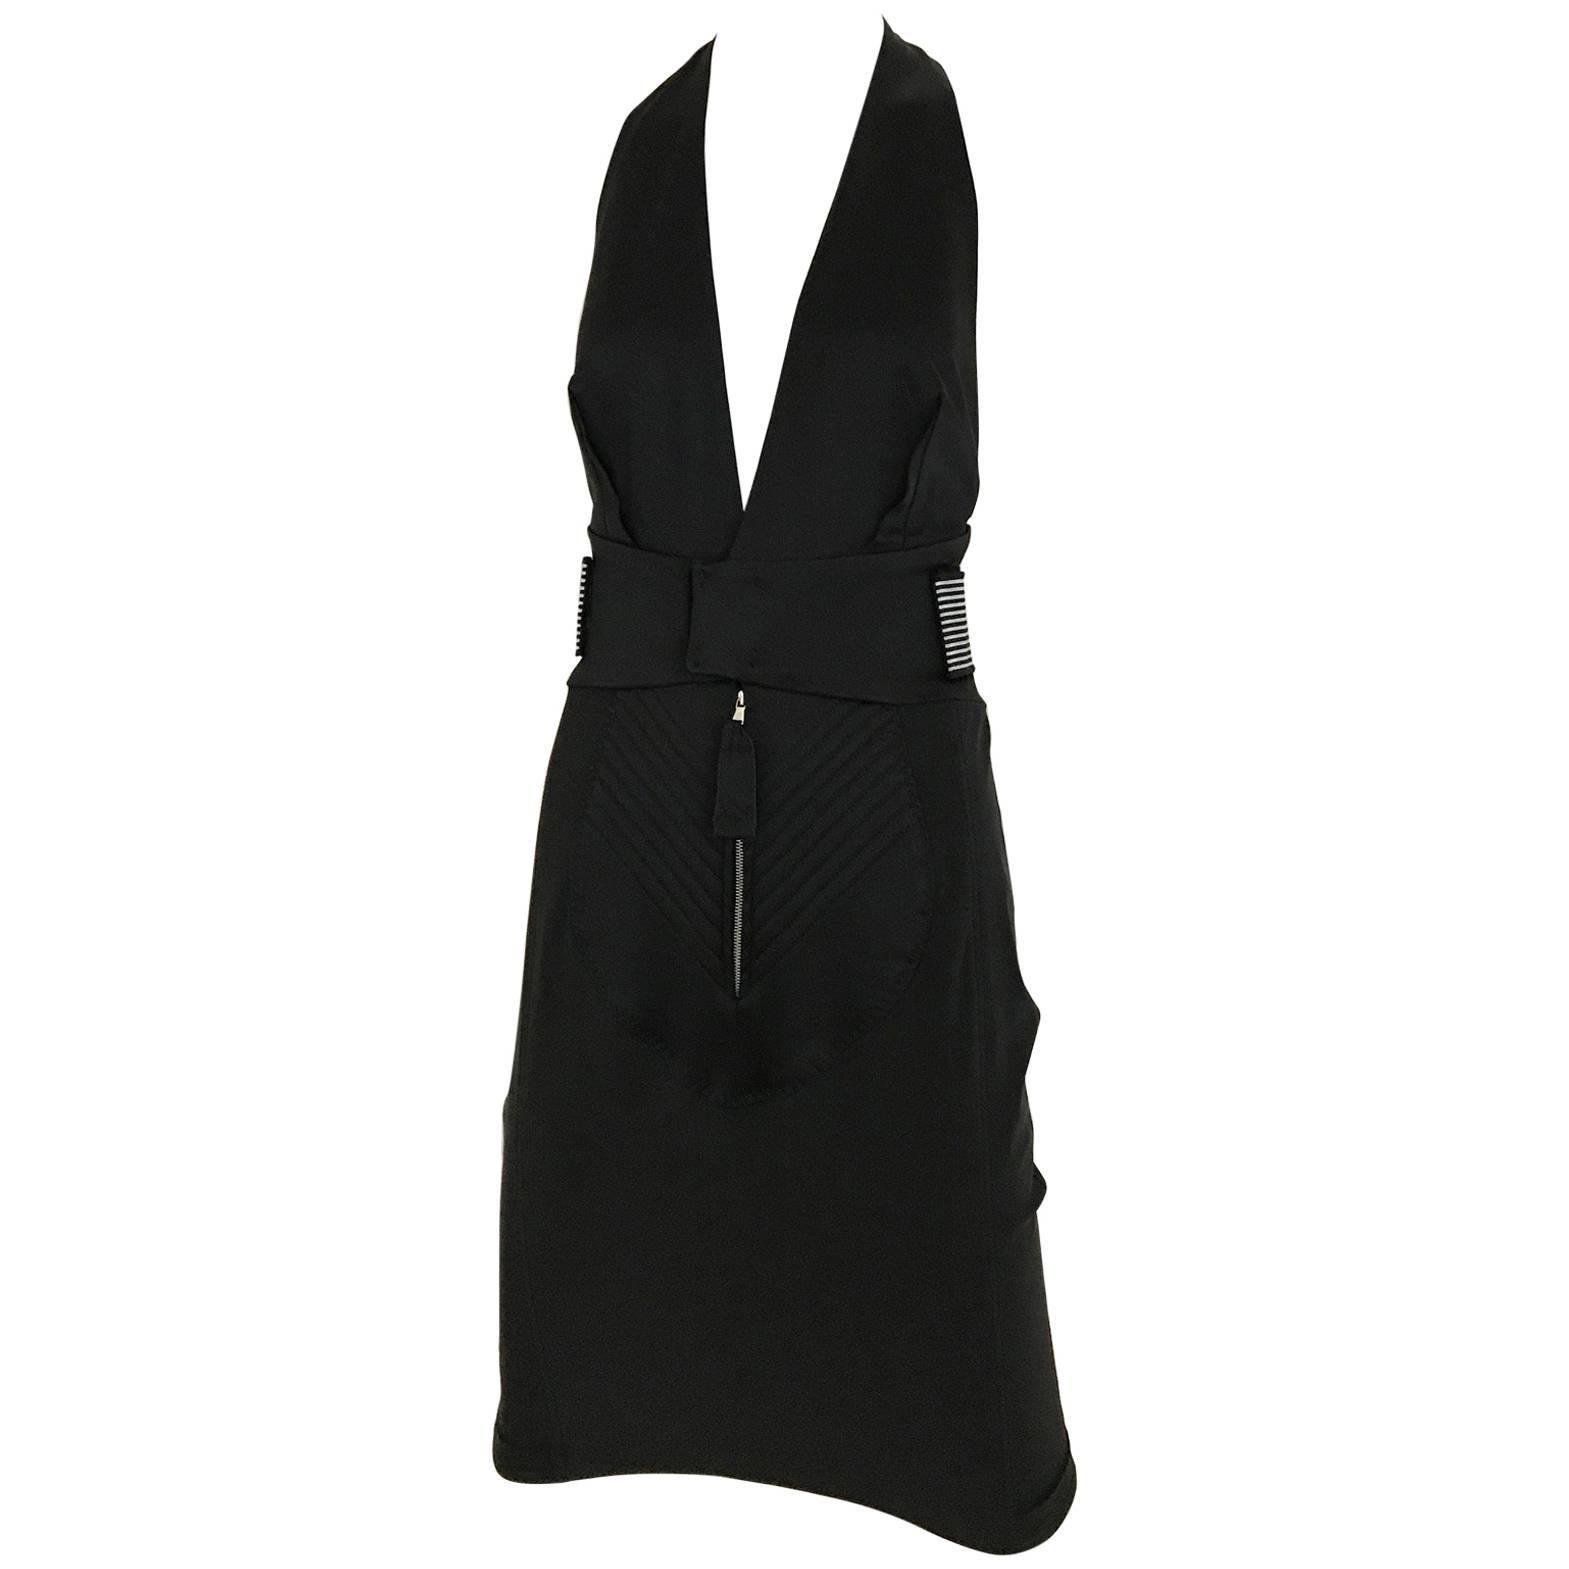 Vintage JEAN PAUL GAULTIER Black V Neck Fitted Dress